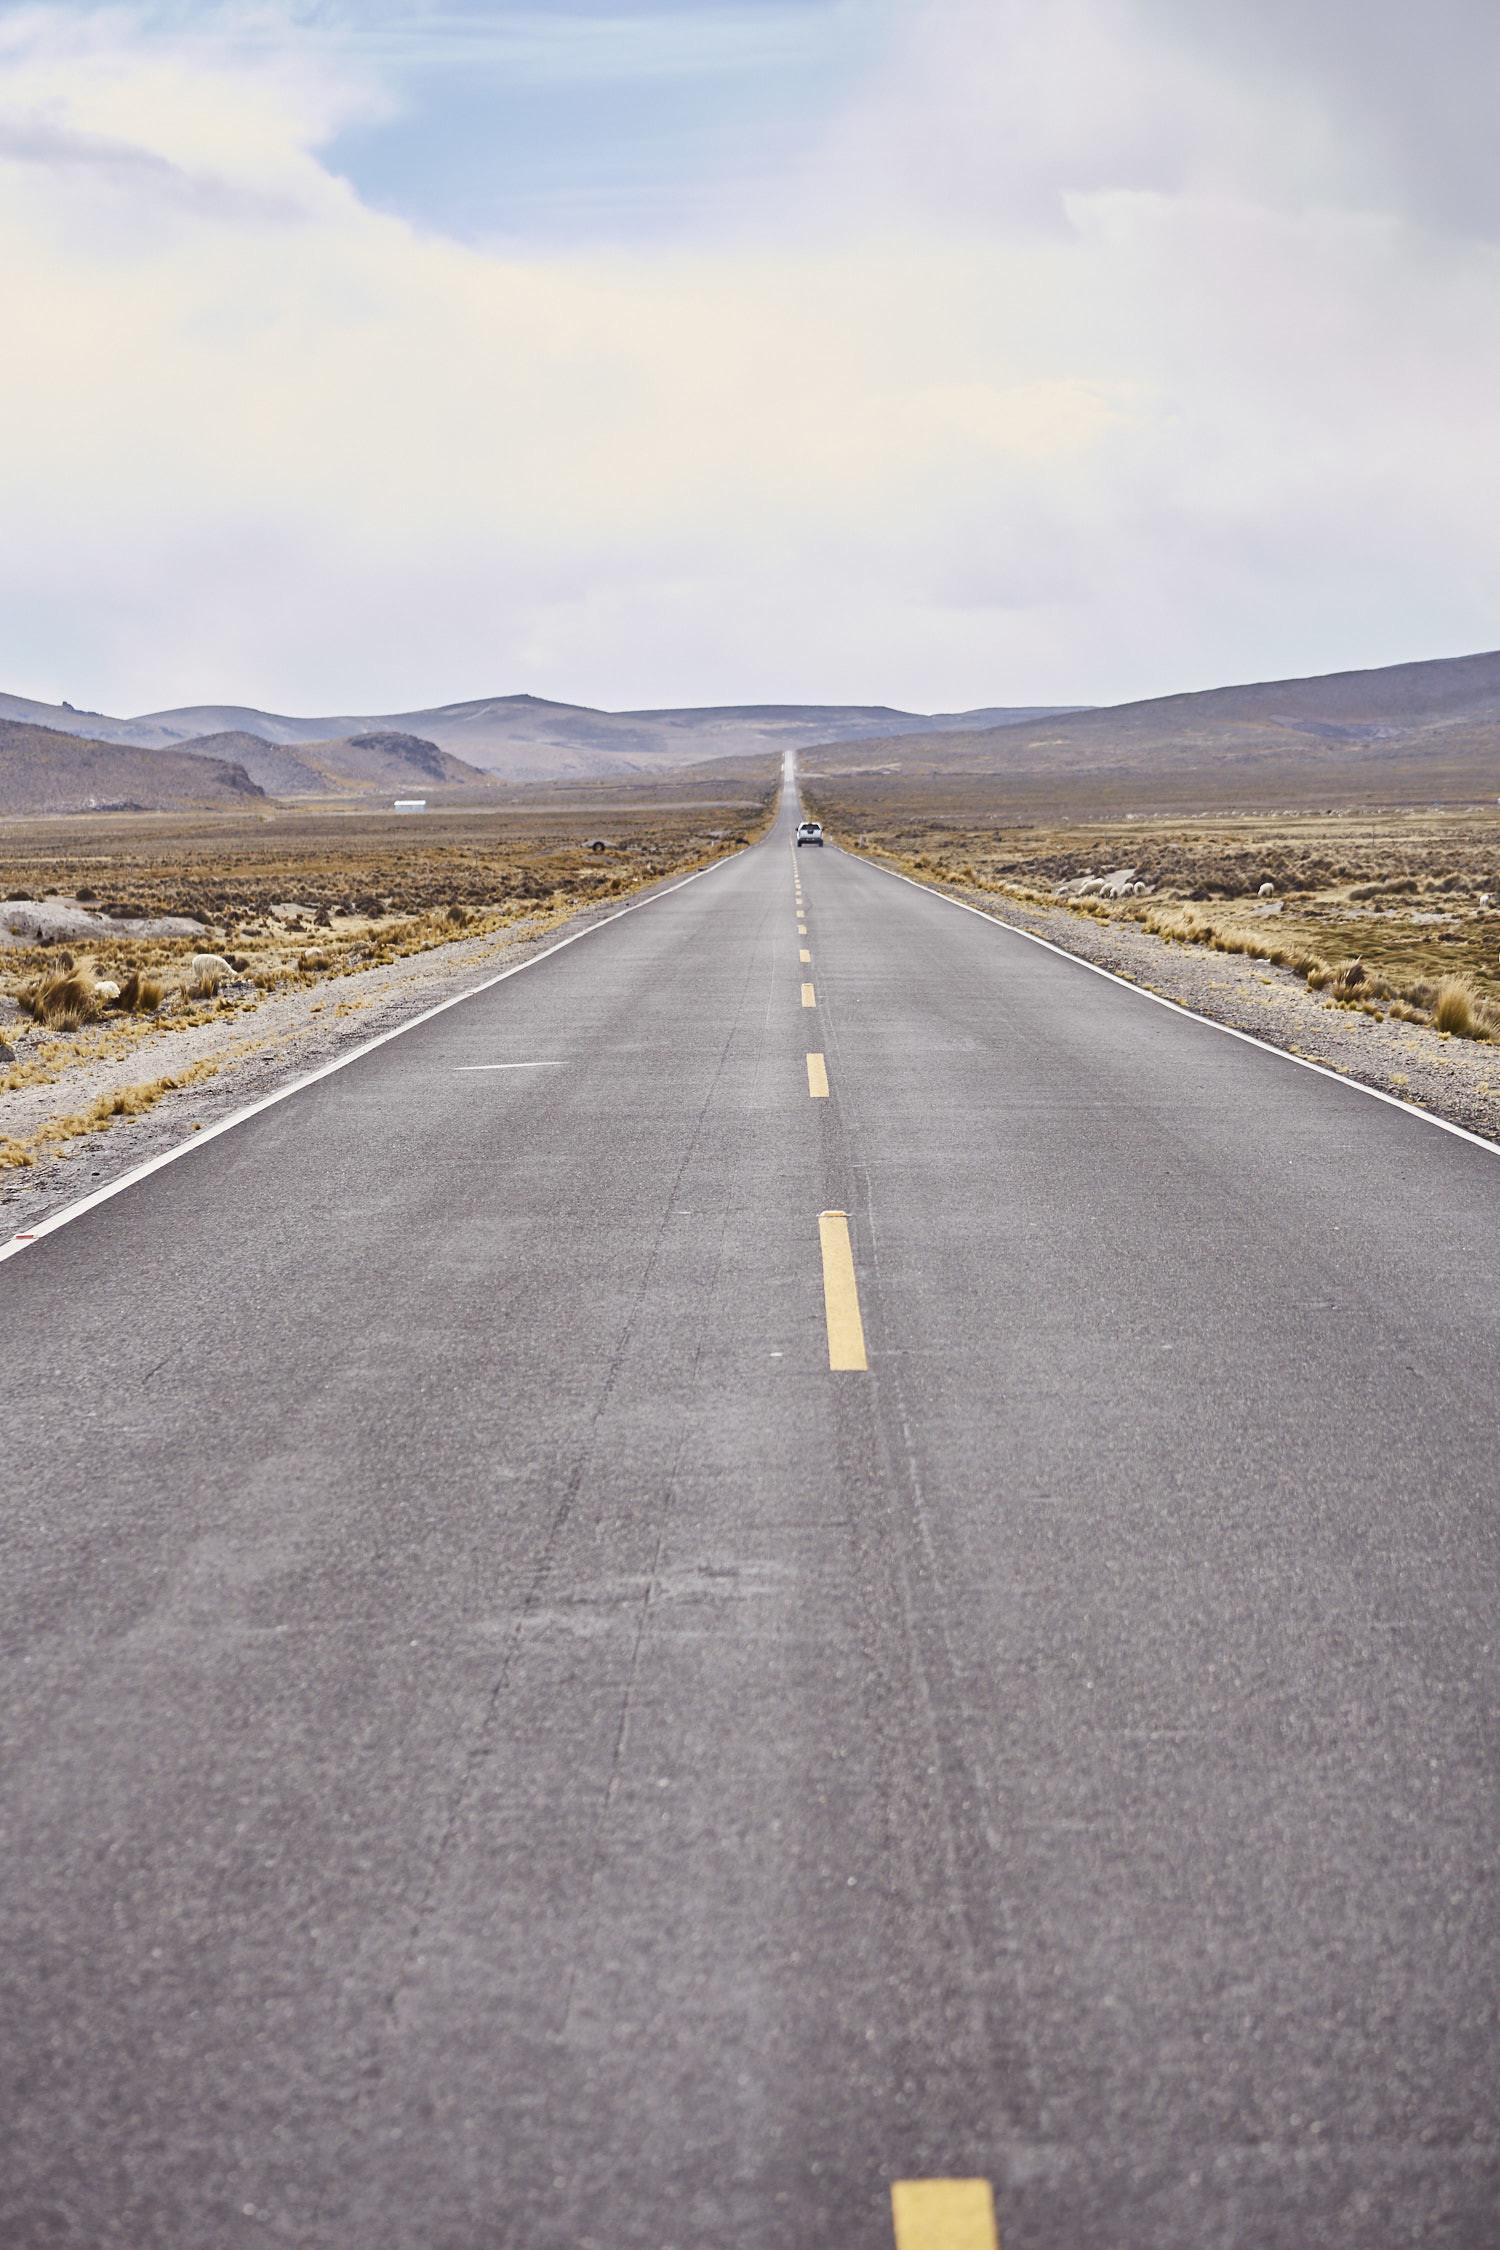 autofahren in peru, mietauto in peru, roadtrip in peru, route peru, strasse in peru